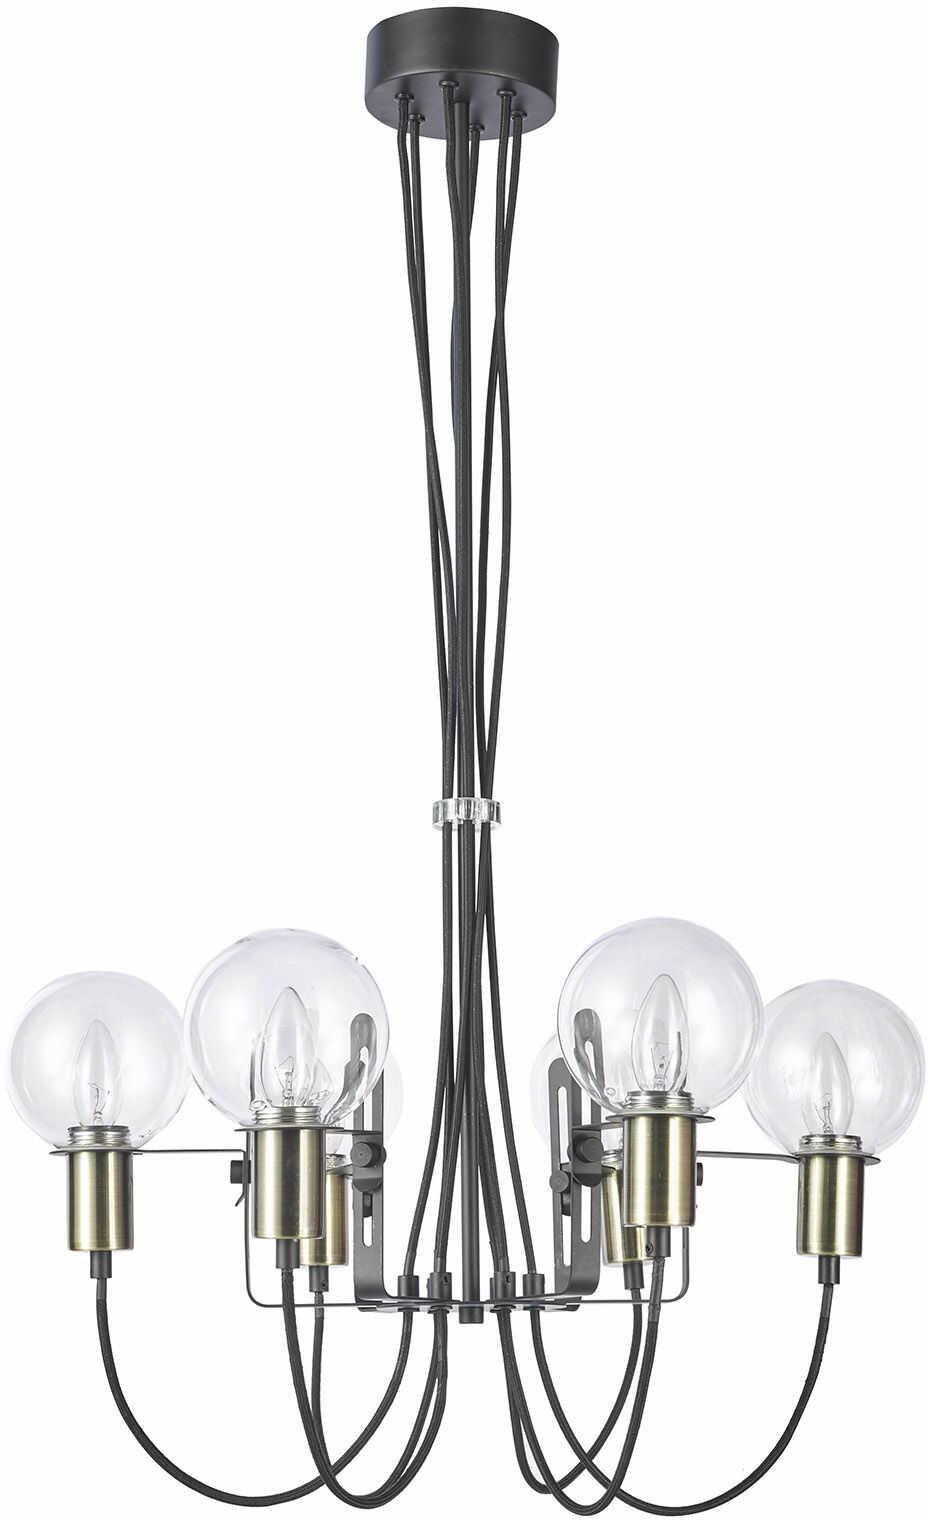 Italux Gianni MD16096-6B lampa wisząca nowoczesna klosze szkło przeźroczyste E14 6x40W 61cm IP20